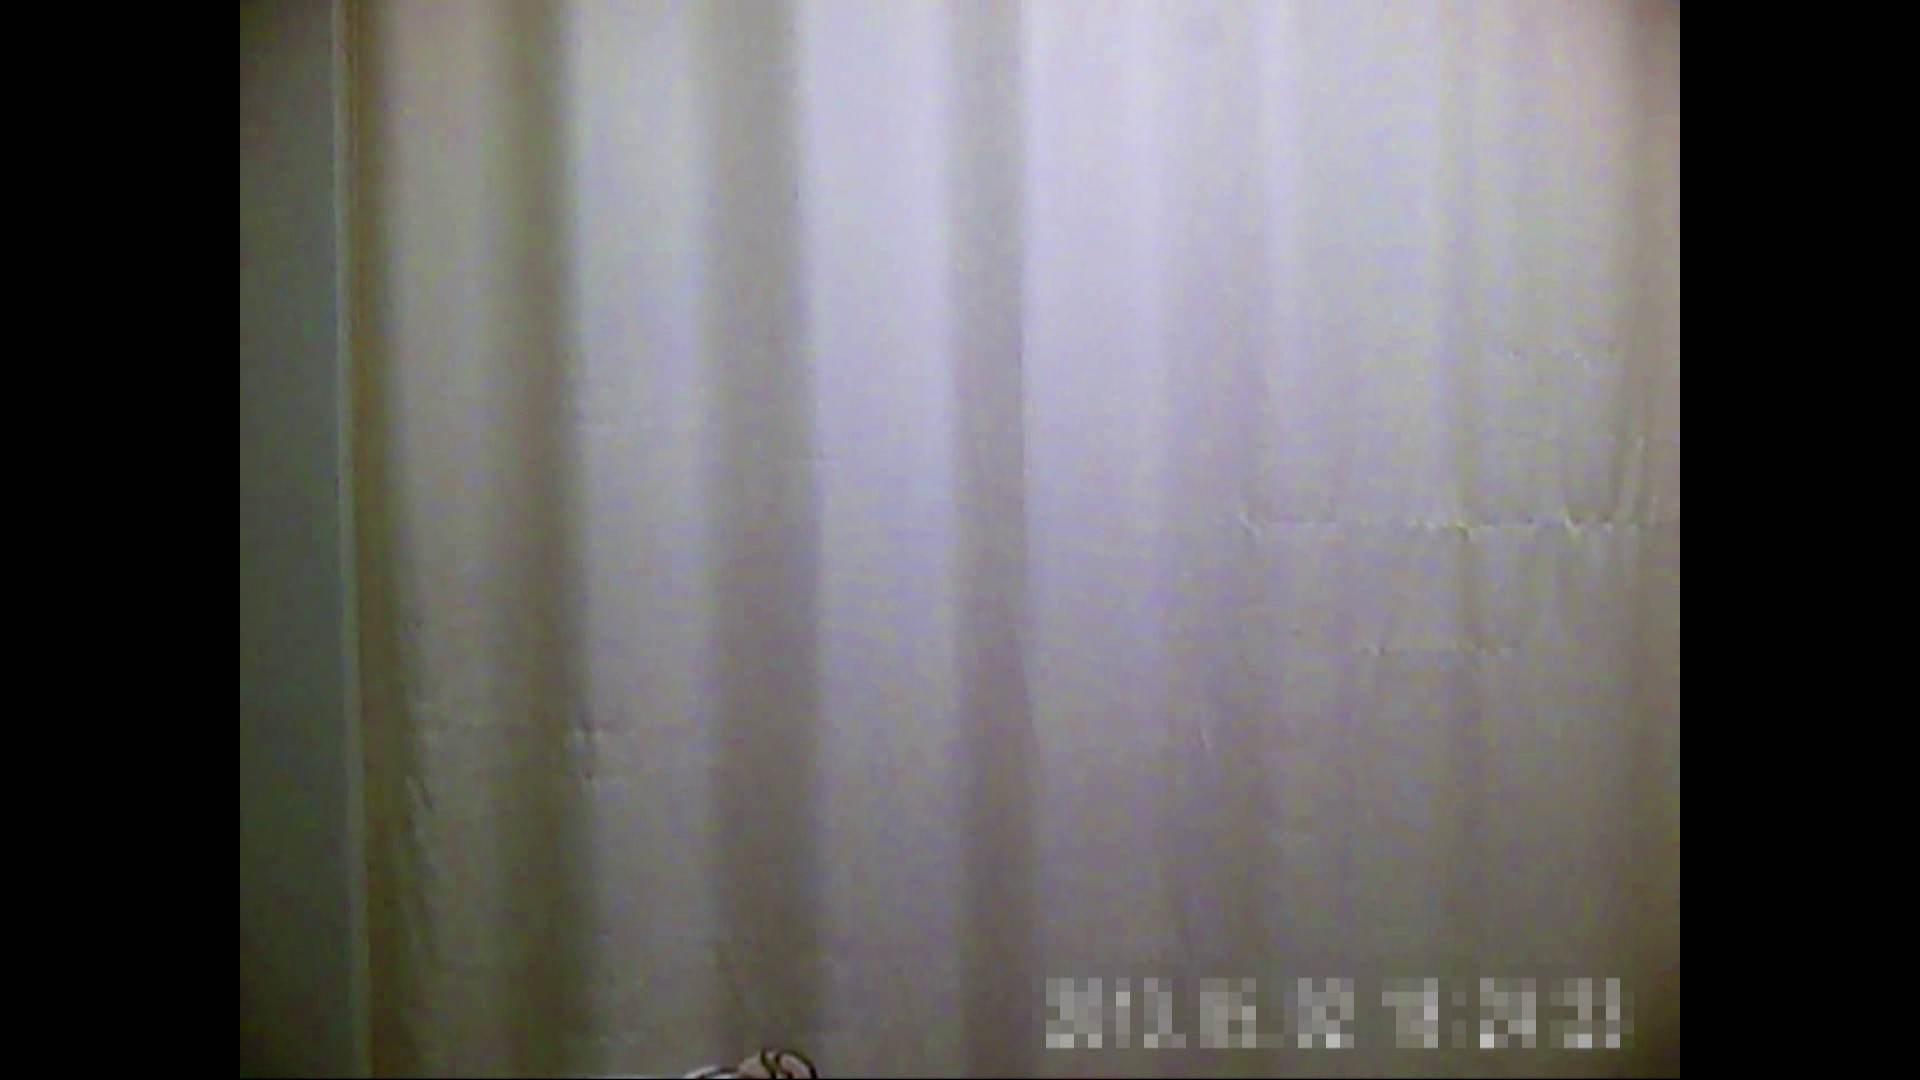 病院おもいっきり着替え! vol.208 おっぱい 盗み撮りSEX無修正画像 91画像 46